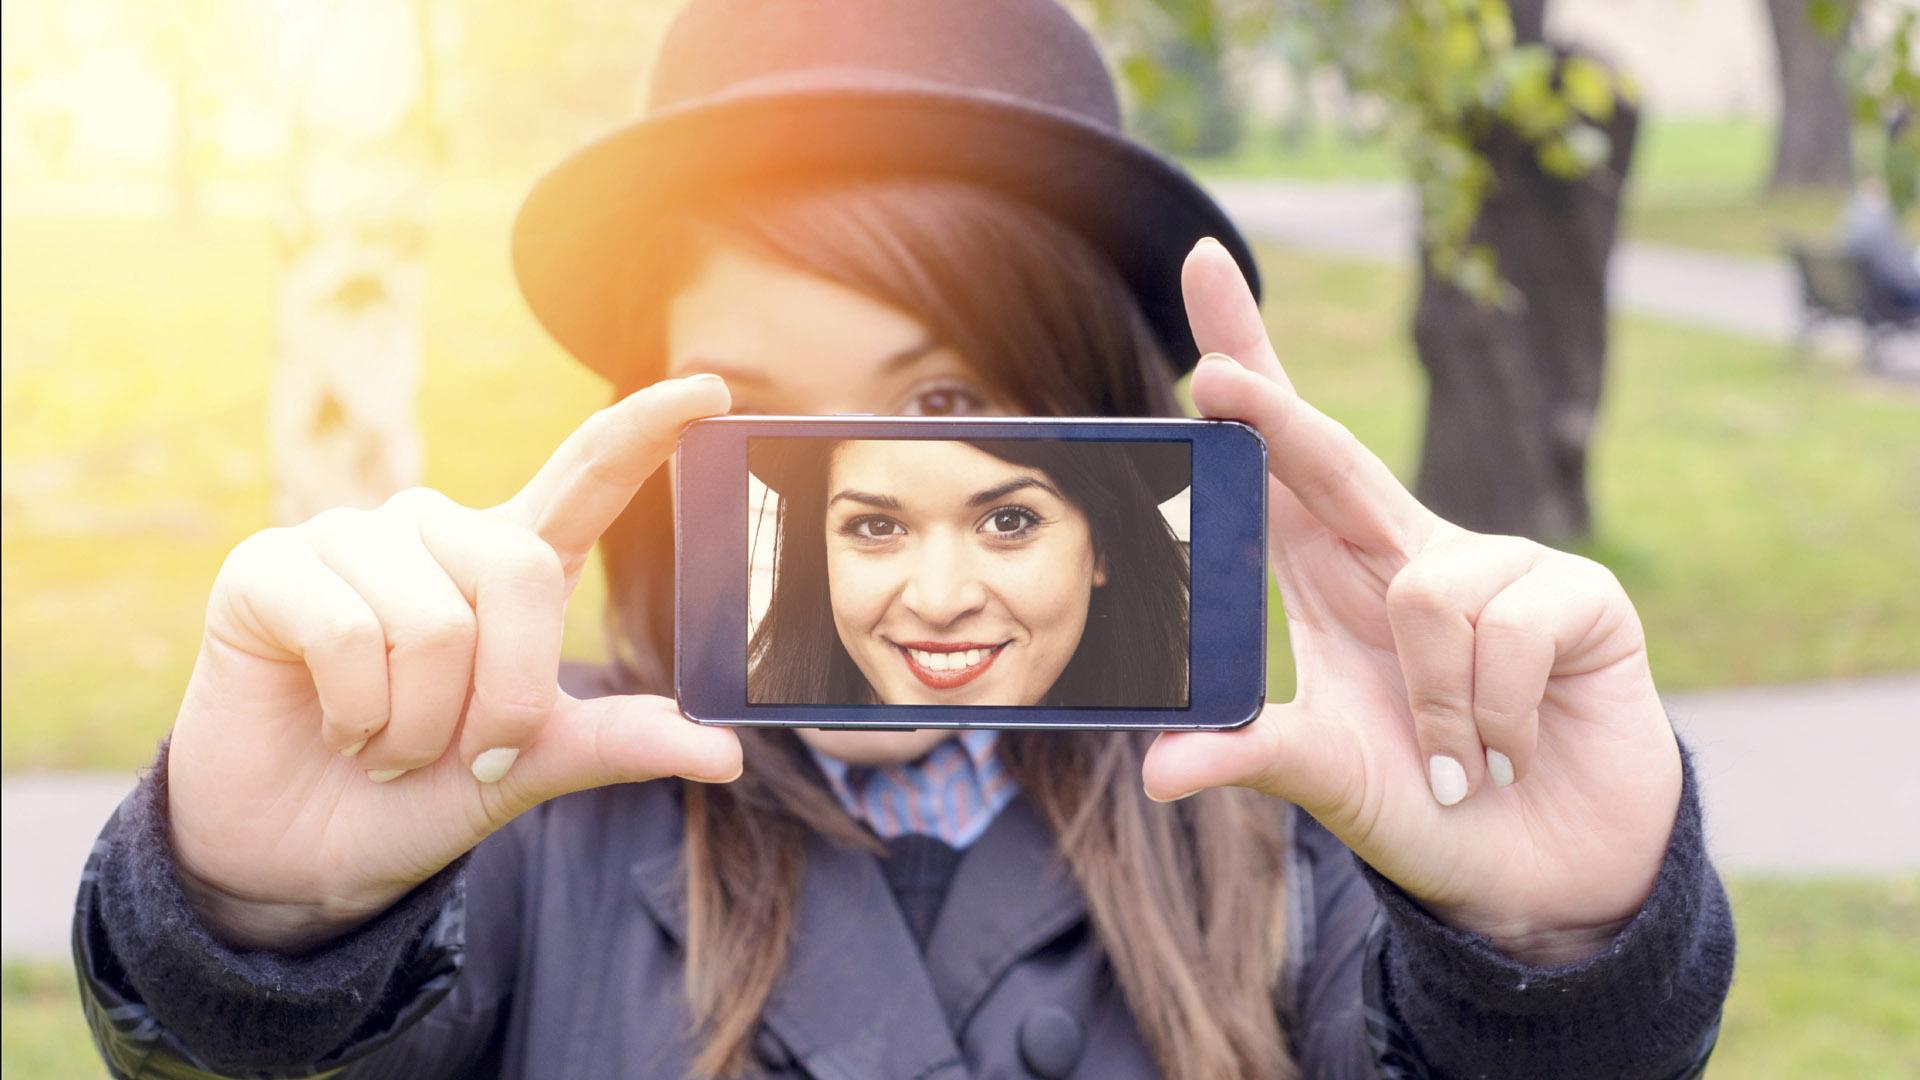 En el primer trimestre del 2016 México tendrá una app basada en la autenticación facial